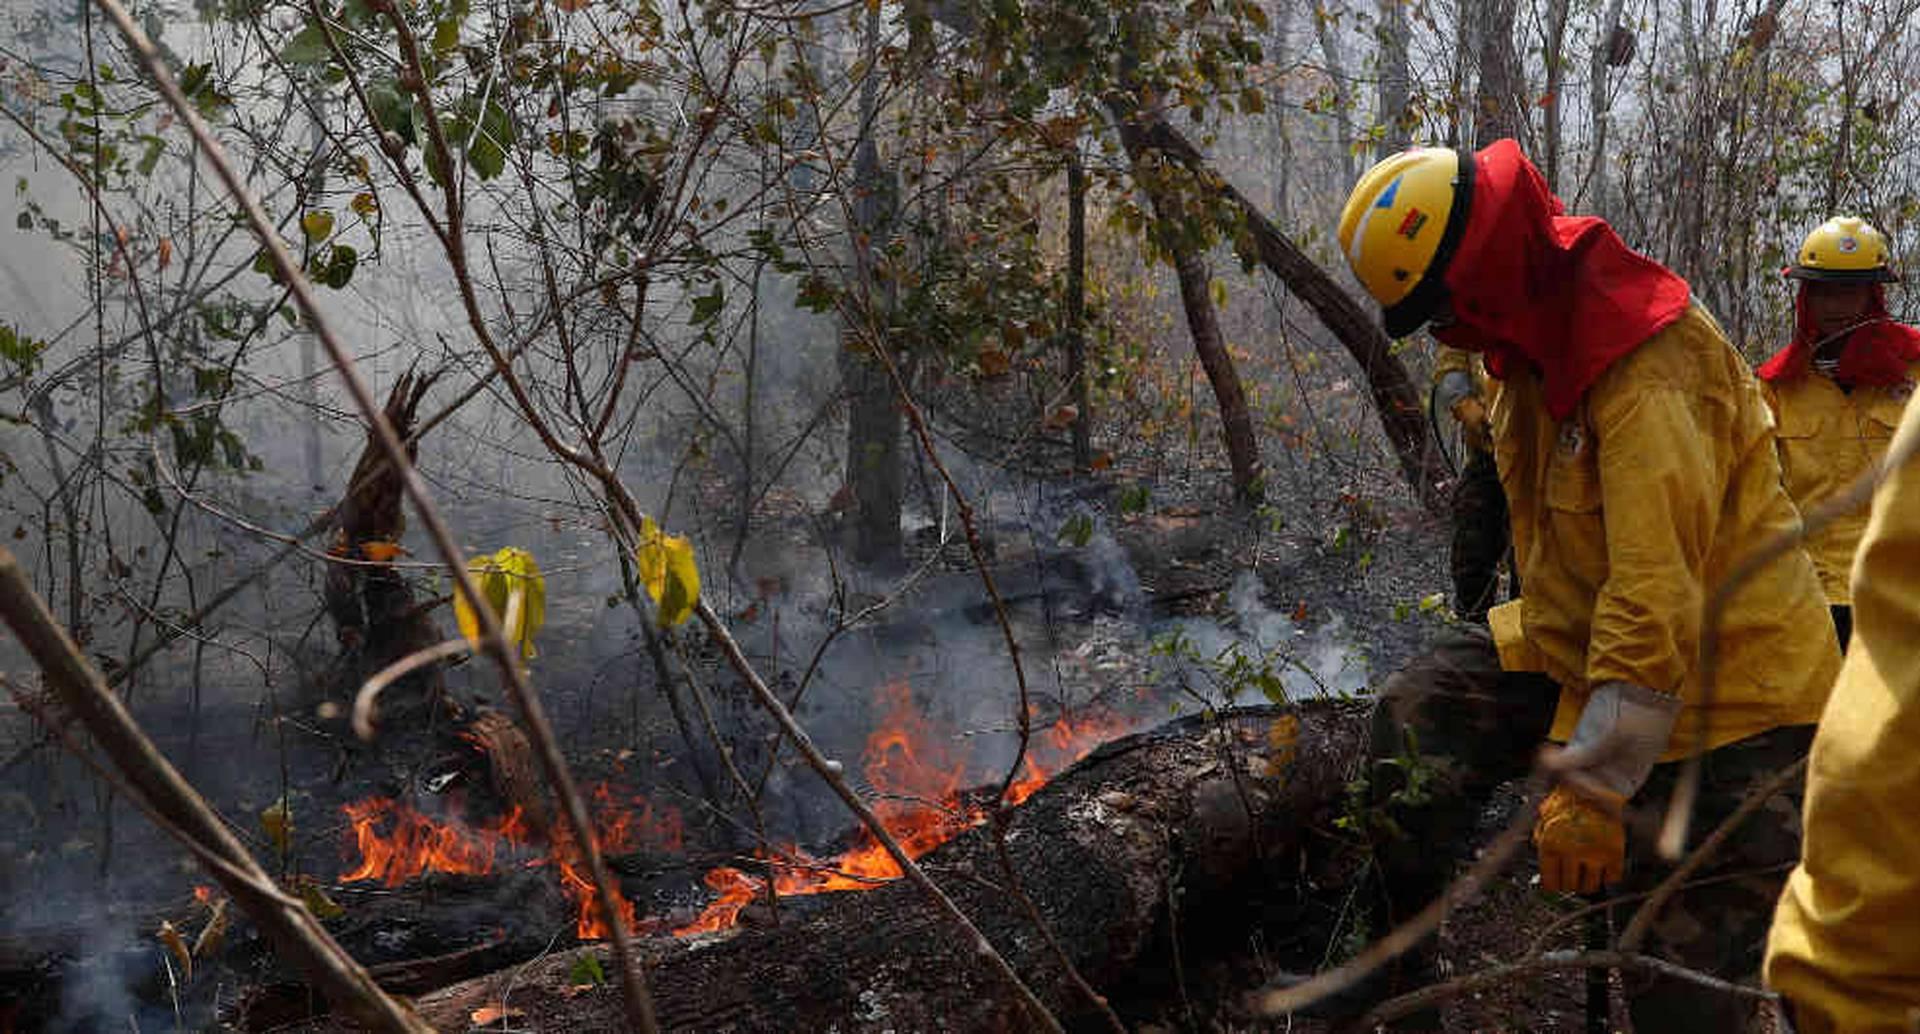 Los bomberos están haciendo todos los esfuerzos para detener los fuegos. Foto: AP